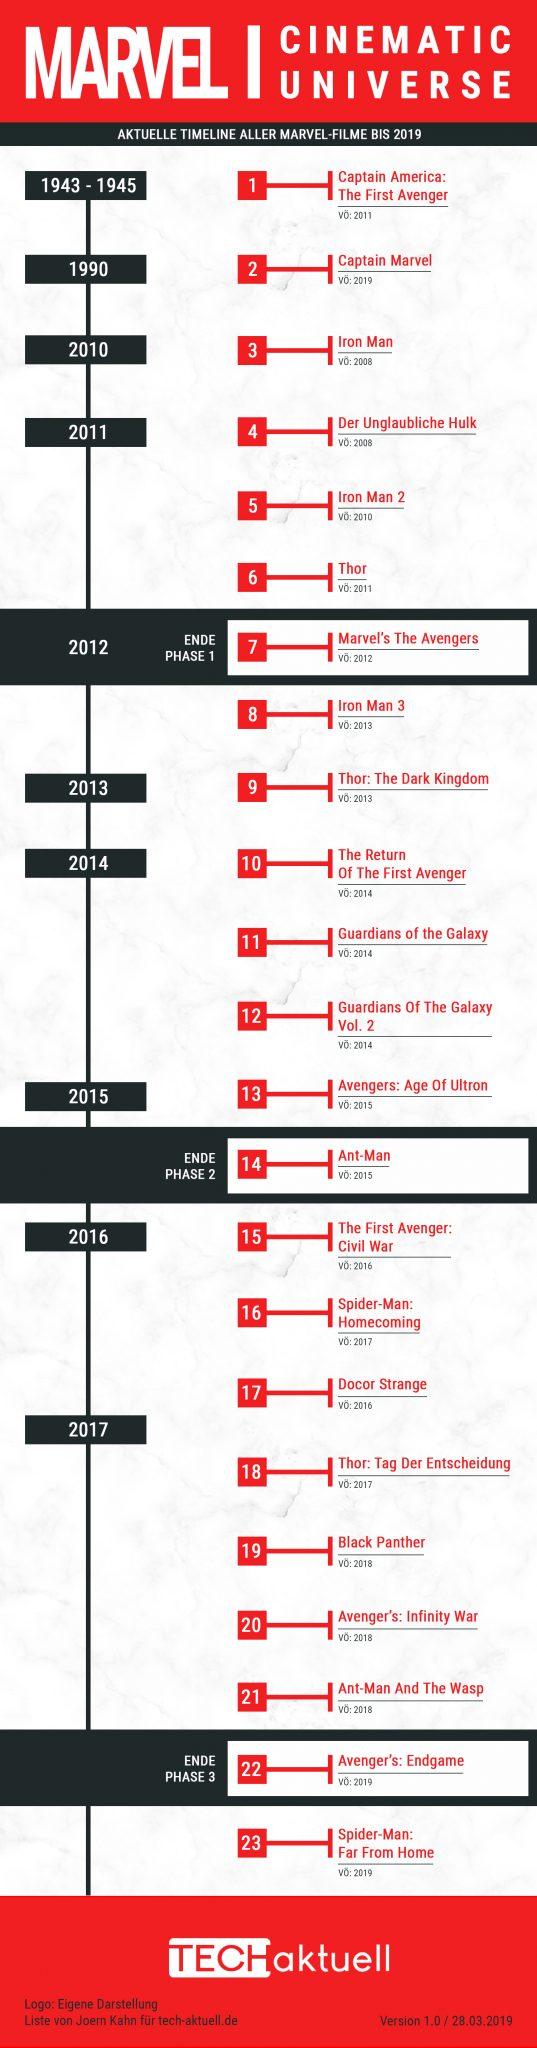 Marvelfilme Reihenfolge